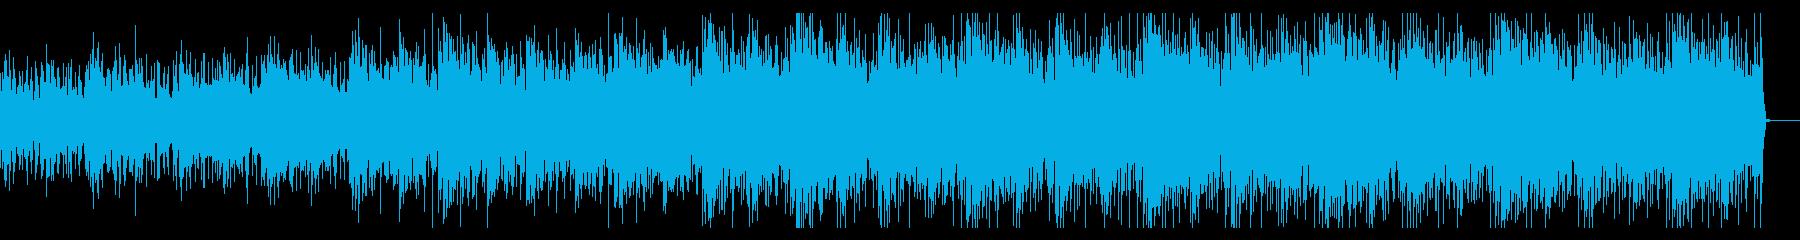 サスペンシブでシンセティックなBGMの再生済みの波形